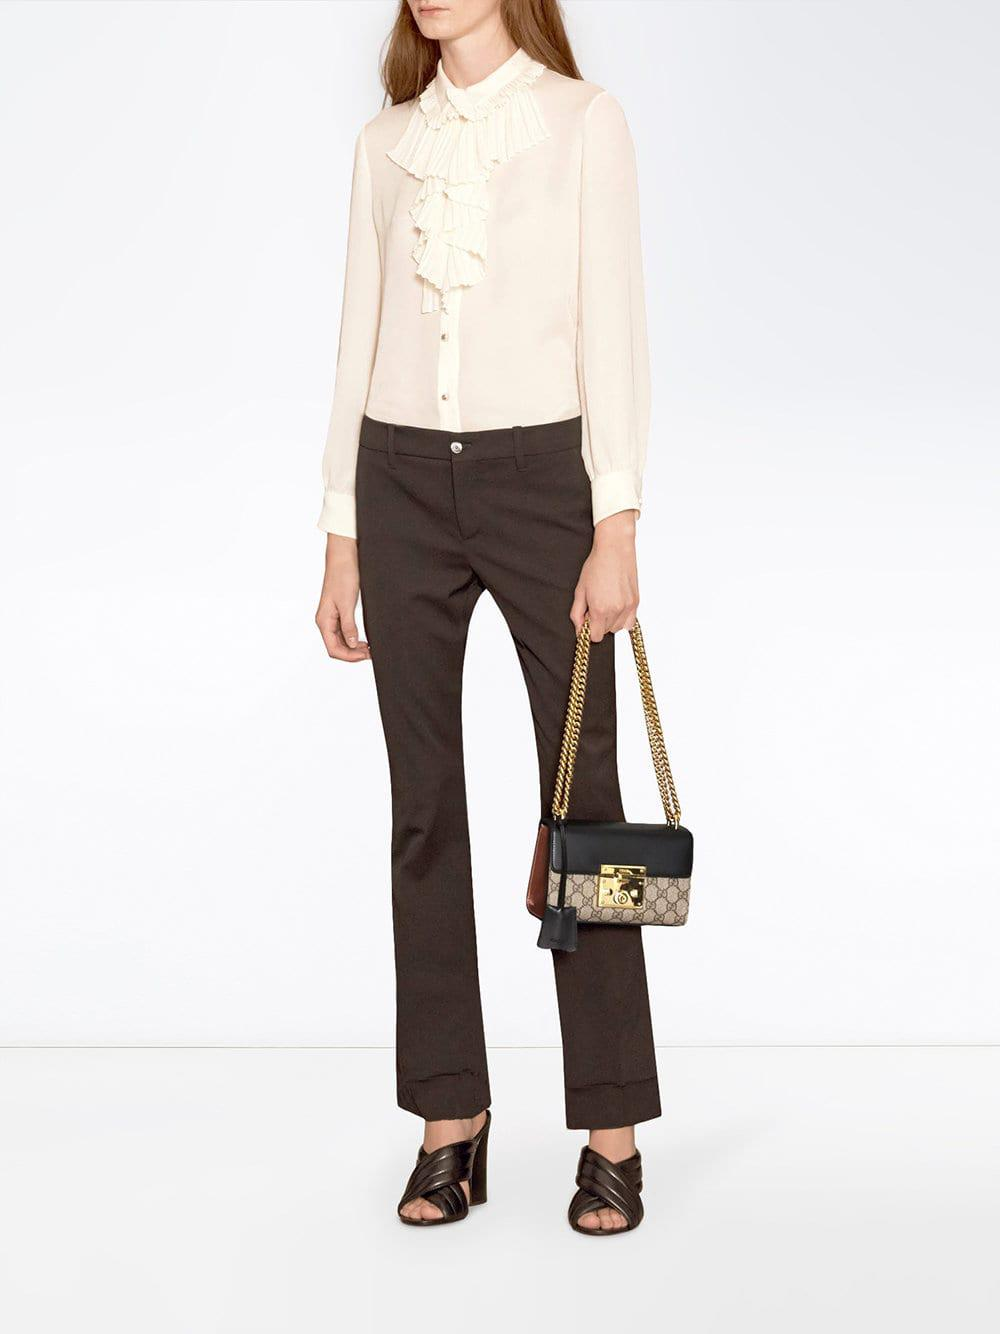 5251ef5a79f6 Gucci Padlock GG Supreme Shoulder Bag in Black - Save 6% - Lyst